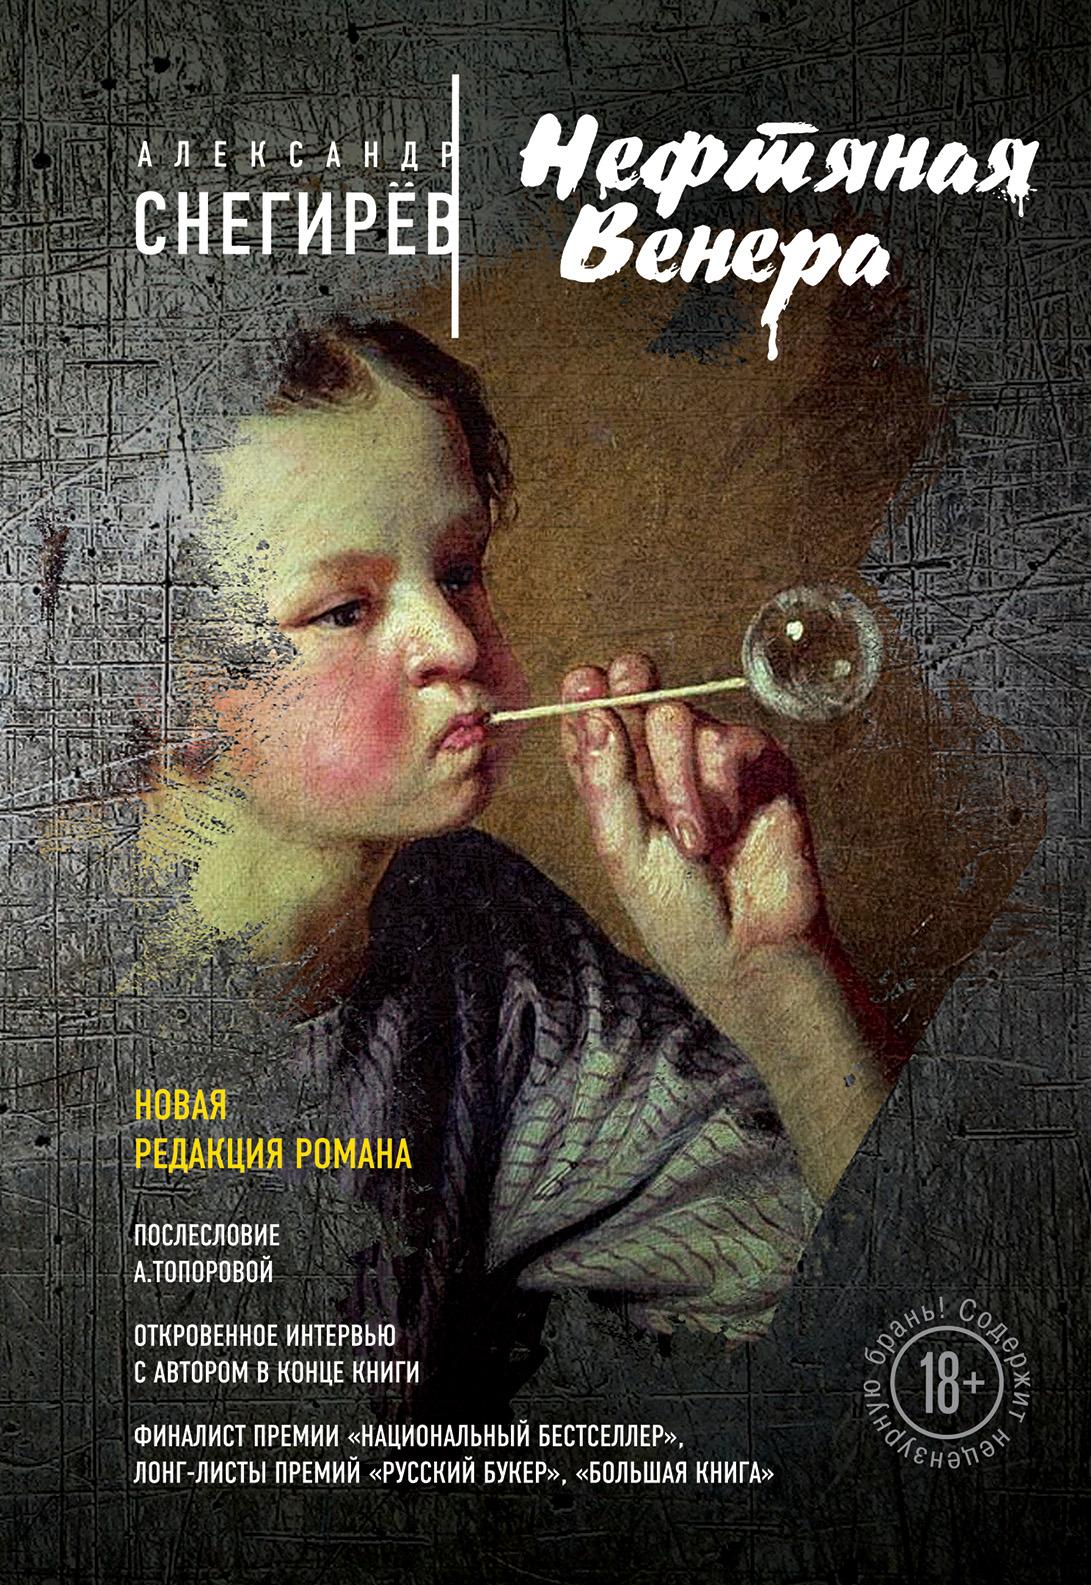 Александр Снегирёв Нефтяная Венера (сборник) александр снегирёв нефтяная венера